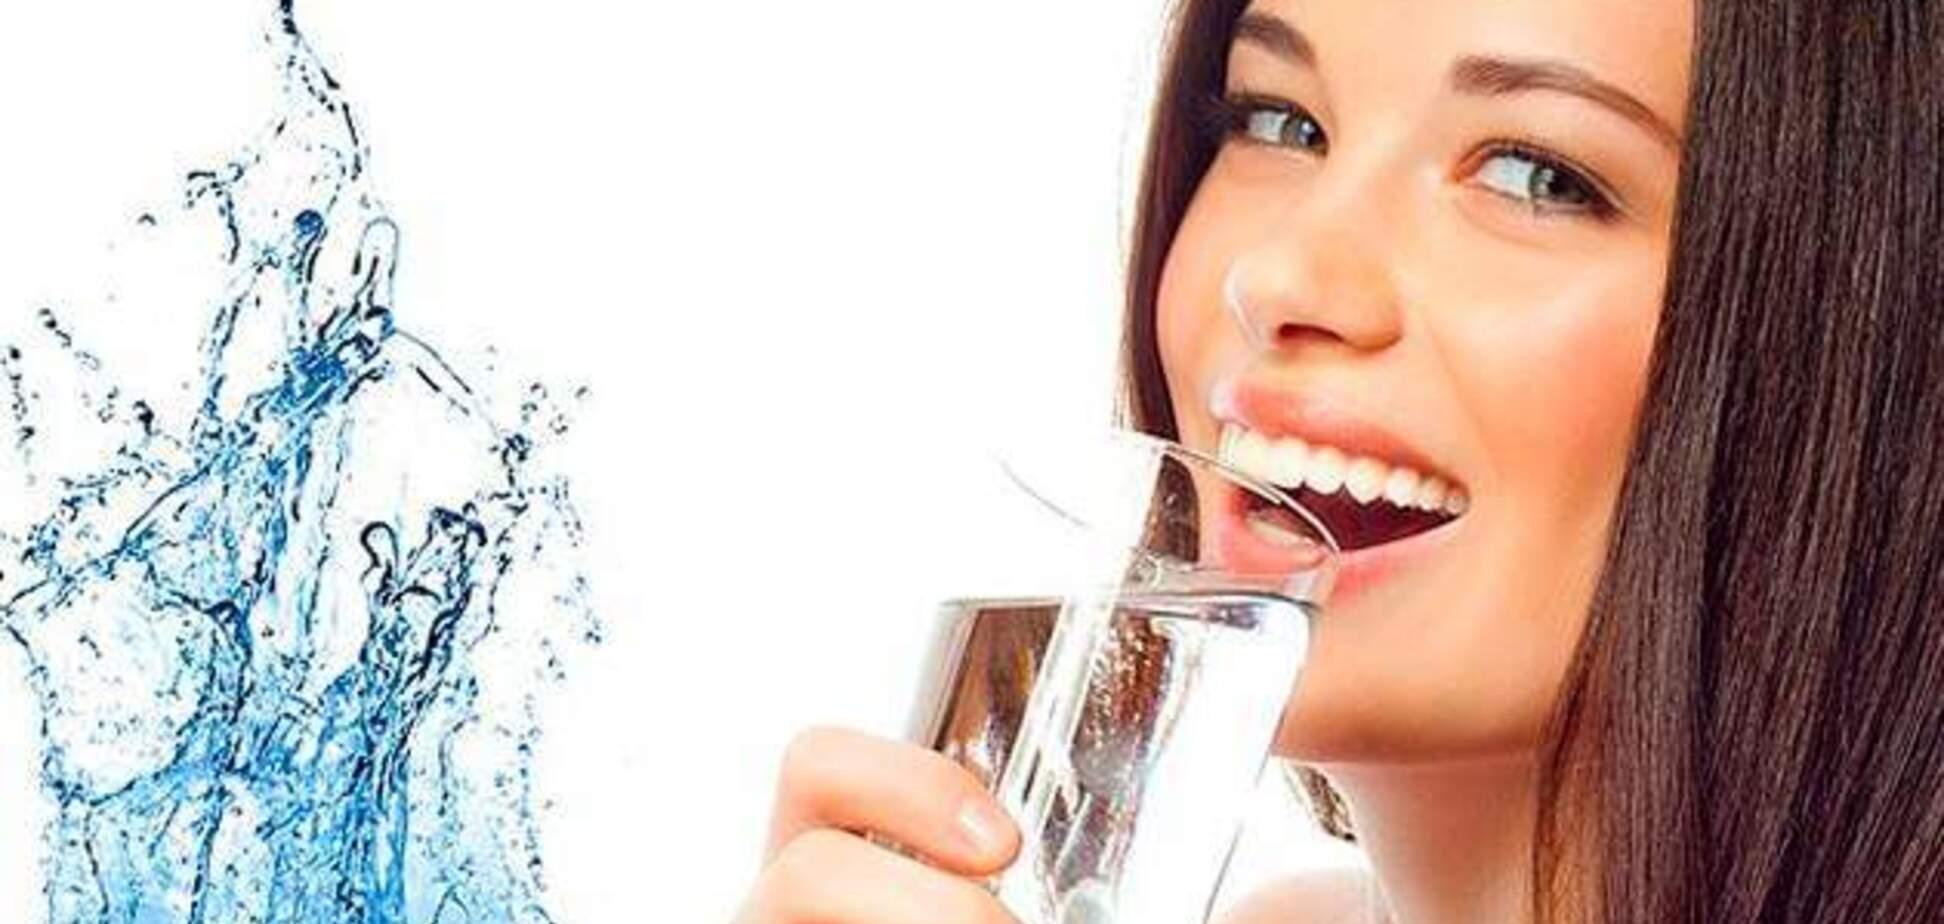 Откладывается в жировых тканях: ученые обнаружили смертельно опасное свойство питьевой воды